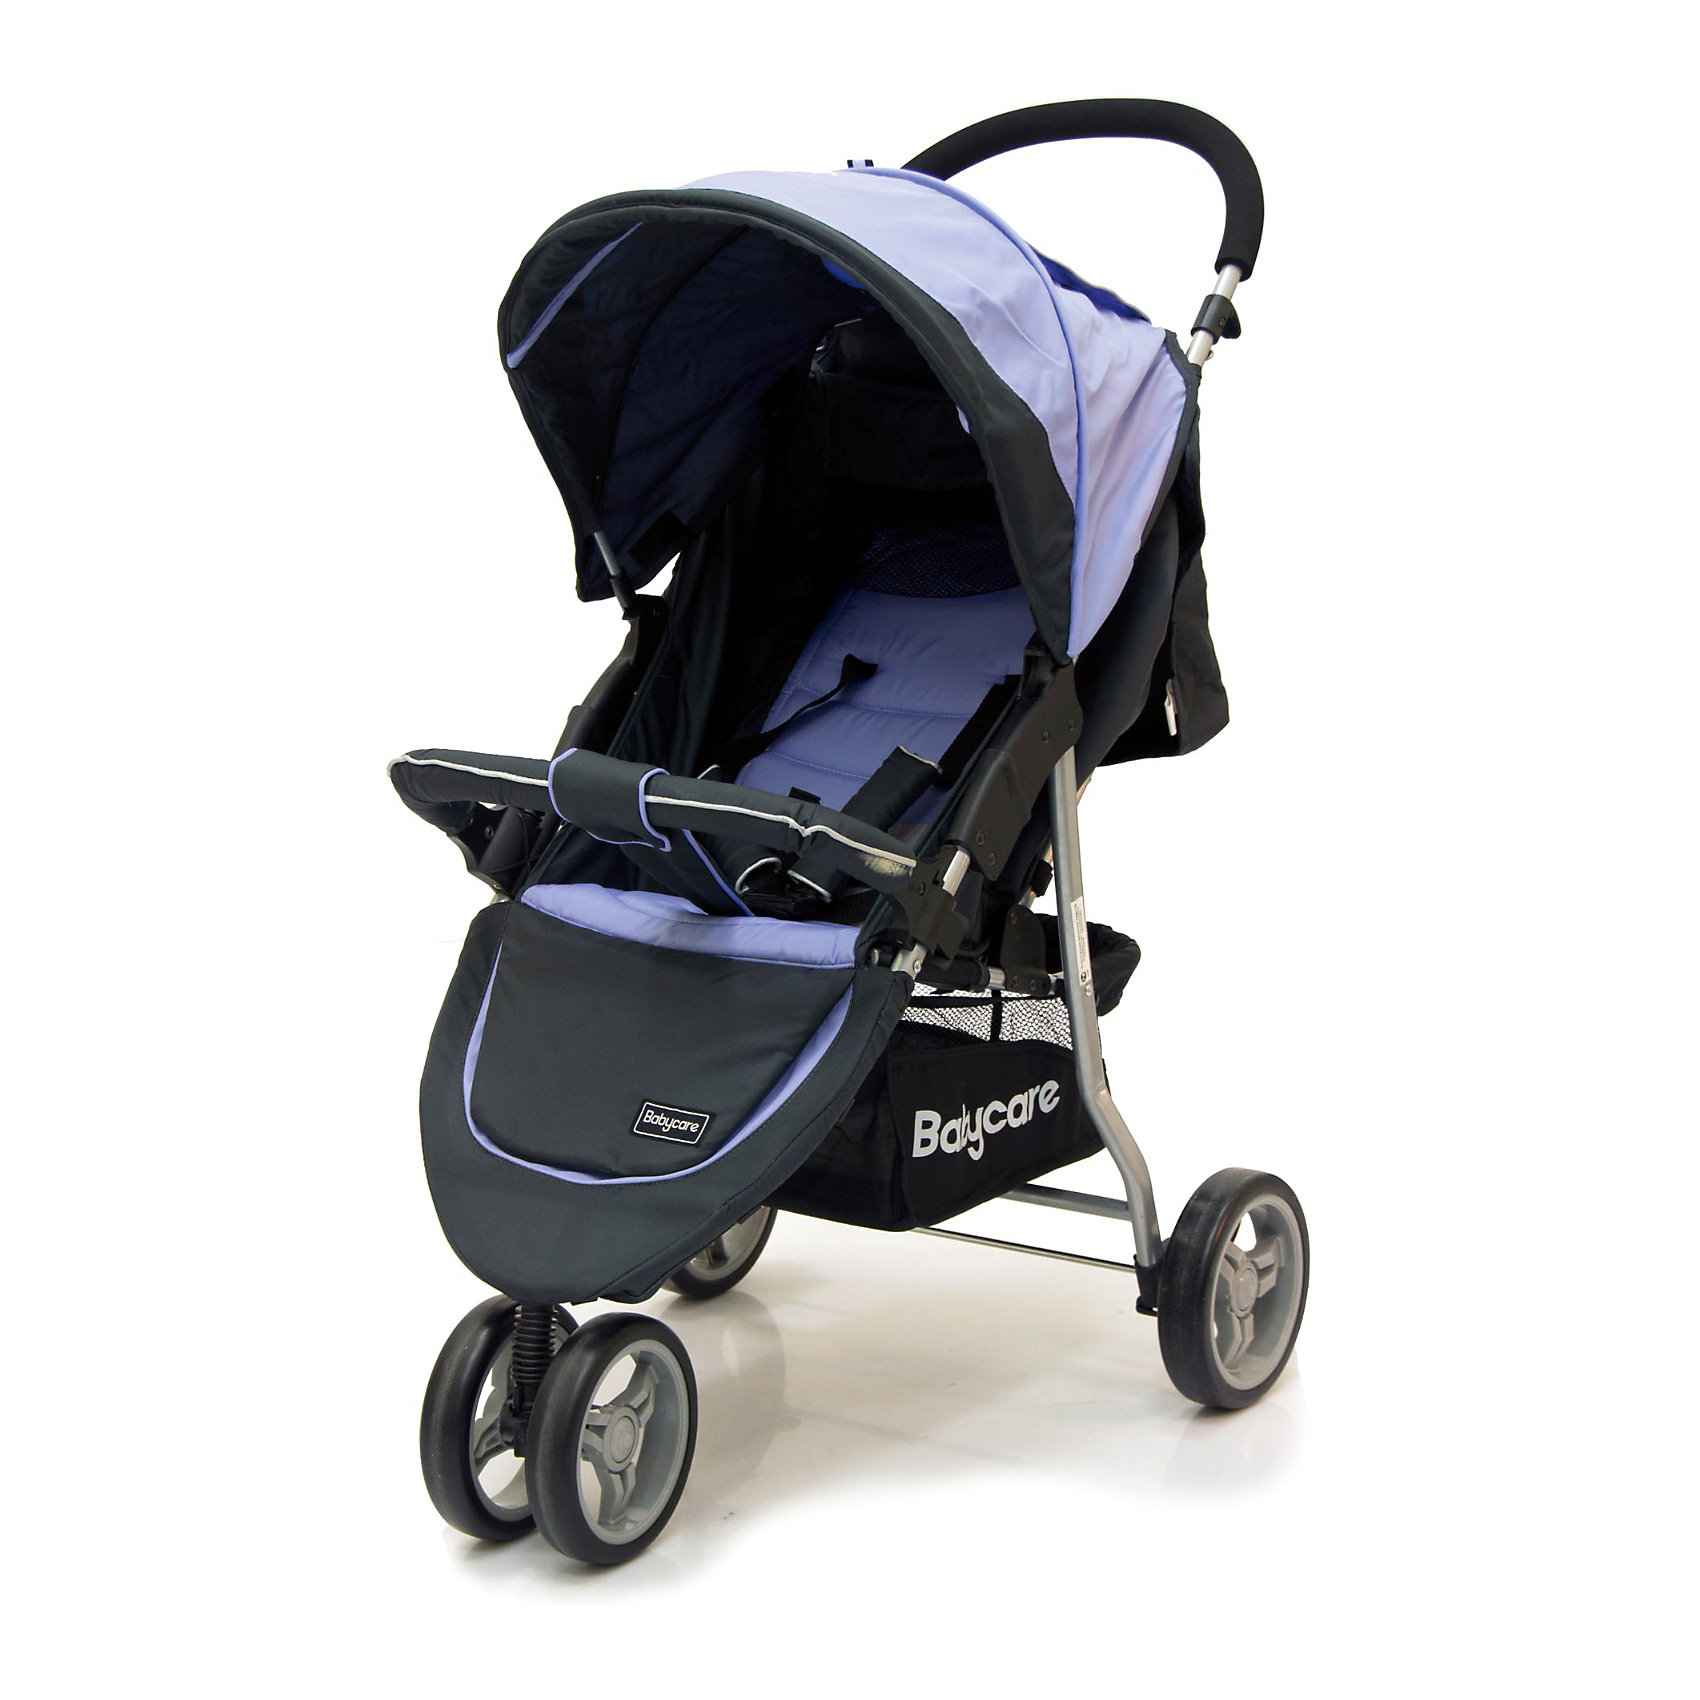 Прогулочная коляска Baby Care Jogger Lite, фиолетовыйНедорогие коляски<br>Характеристики коляски Baby Care Jogger Lite:<br><br>• угол наклона спинки регулируется почти до горизонтального положения;<br>• регулируемый капюшон оснащен солнцезащитным козырьком;<br>• на капюшоне имеется смотровое окошко под клапаном и карман для мелочей;<br>• регулируемая подножка;<br>• наличие 5-ти точечных ремней безопасности;<br>• каркасный съемный бампер с мягким чехлом;<br>• тканевый разделитель для ножек, крепится кнопкой к бамперу;<br>• материал прогулочного блока: полиэстер. <br><br>Характеристики шасси коляски Baby Care Jogger Lite:<br><br>• 3-х колесная коляска;<br>• пластиковые колеса;<br>• переднее сдвоенное поворотное колесо с блокировкой;<br>• вместительная корзина для покупок;<br>• тип складывания: книжка, устойчивая в сложенном виде в вертикальном положении;<br>• материал рамы: алюминий;<br>• материал колес: пластик.<br><br>Маневренная прогулочная коляска с высокой степенью проходимости предназначена для детей в возрасте от 6 месяцев до 3-х лет, вес которых находится в пределах 15 кг. Регулируемая спинка и подножка позволяют подобрать для малыша удобное положение как во время сна, так и во время бодрствования.  <br><br>Размеры коляски:<br><br>• размер в сложенном виде: 53х83х40 см;<br>• вес коляски: 7,5 кг;<br>• размер сиденья: 20х30 см, высота от пола 40 см;<br>• длина спального места: 60 см;<br>• ширина колесной базы: 53 см;<br>• диаметр переднего колеса: 17 см;<br>• диаметр заднего колеса: 19 см;<br>• размер упаковки: 80х20х48 см;<br>• вес упаковки: 9 кг.<br><br>Комплектация: <br><br>• прогулочный блок с капюшоном и бампером;<br>• шасси с колесами и корзиной для покупок;<br>• чехол на ножки;<br>• встроенная москитная сетка под задней шторкой капюшона;<br>• инструкция на русском языке. <br><br>Прогулочную коляску Jogger Lite, Baby Care, фиолетовую можно купить в нашем интернет-магазине.<br><br>Ширина мм: 800<br>Глубина мм: 200<br>Высота мм: 480<br>Вес г: 9090<br>Возраст